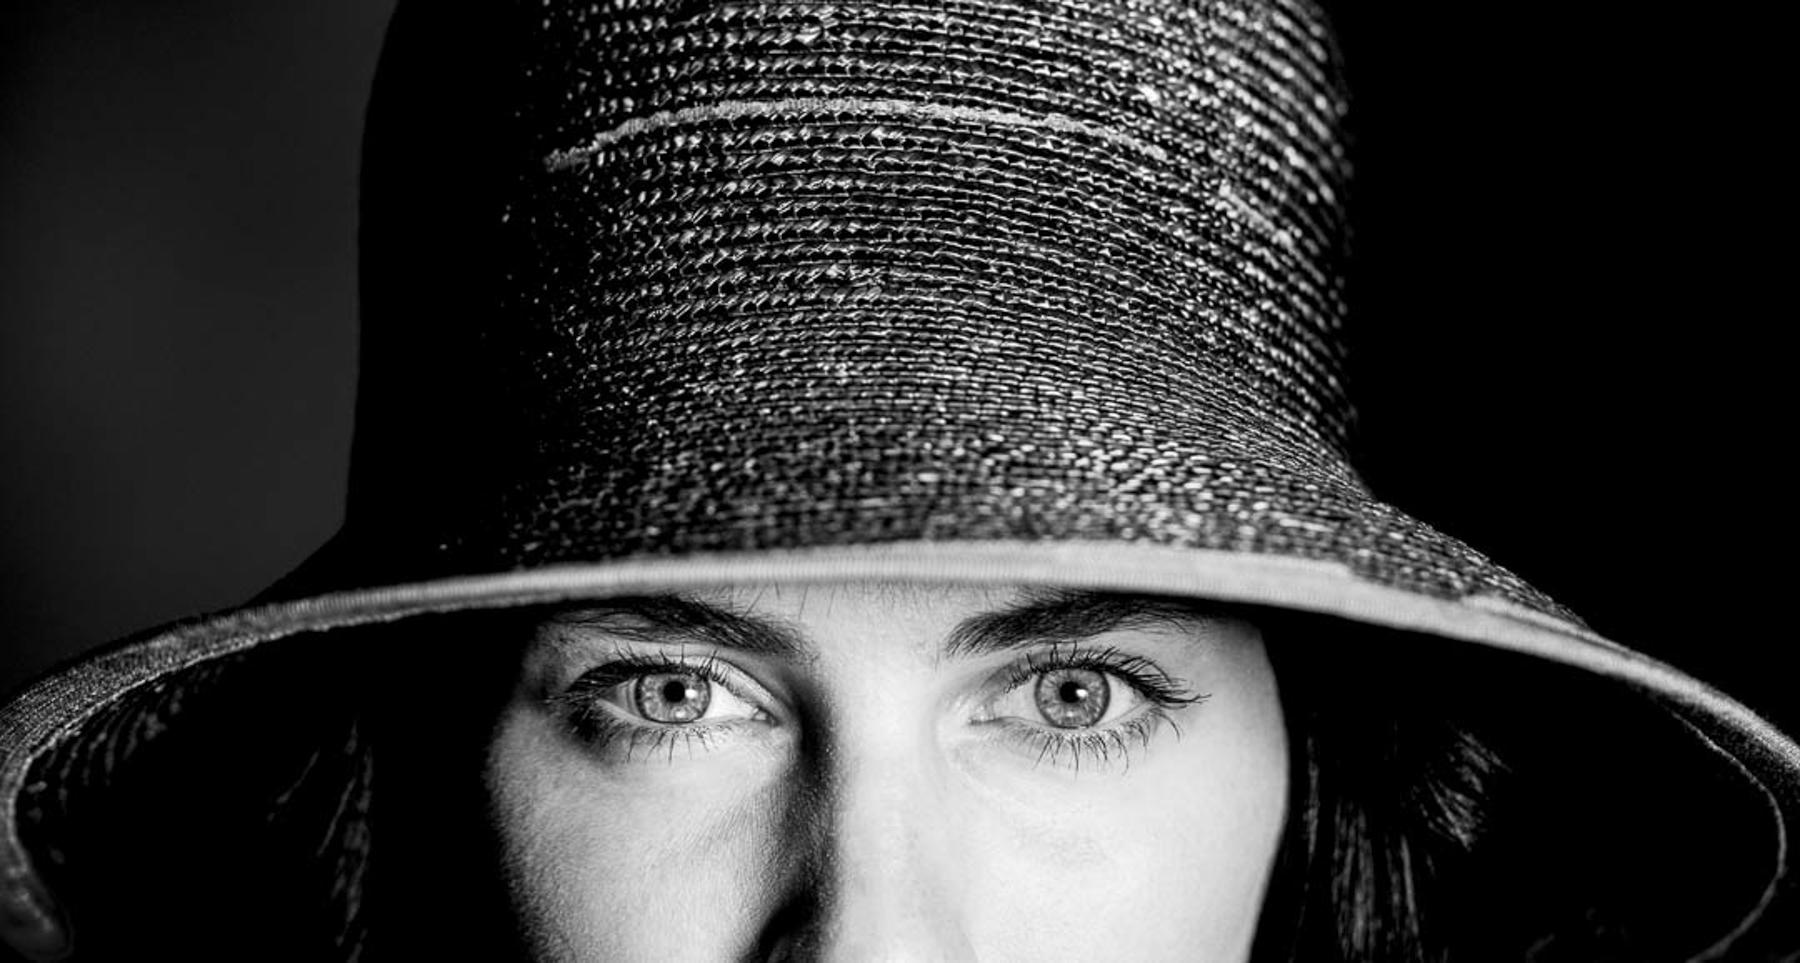 Isabel_Karl-Herunter_The Eyes Have It.jpg